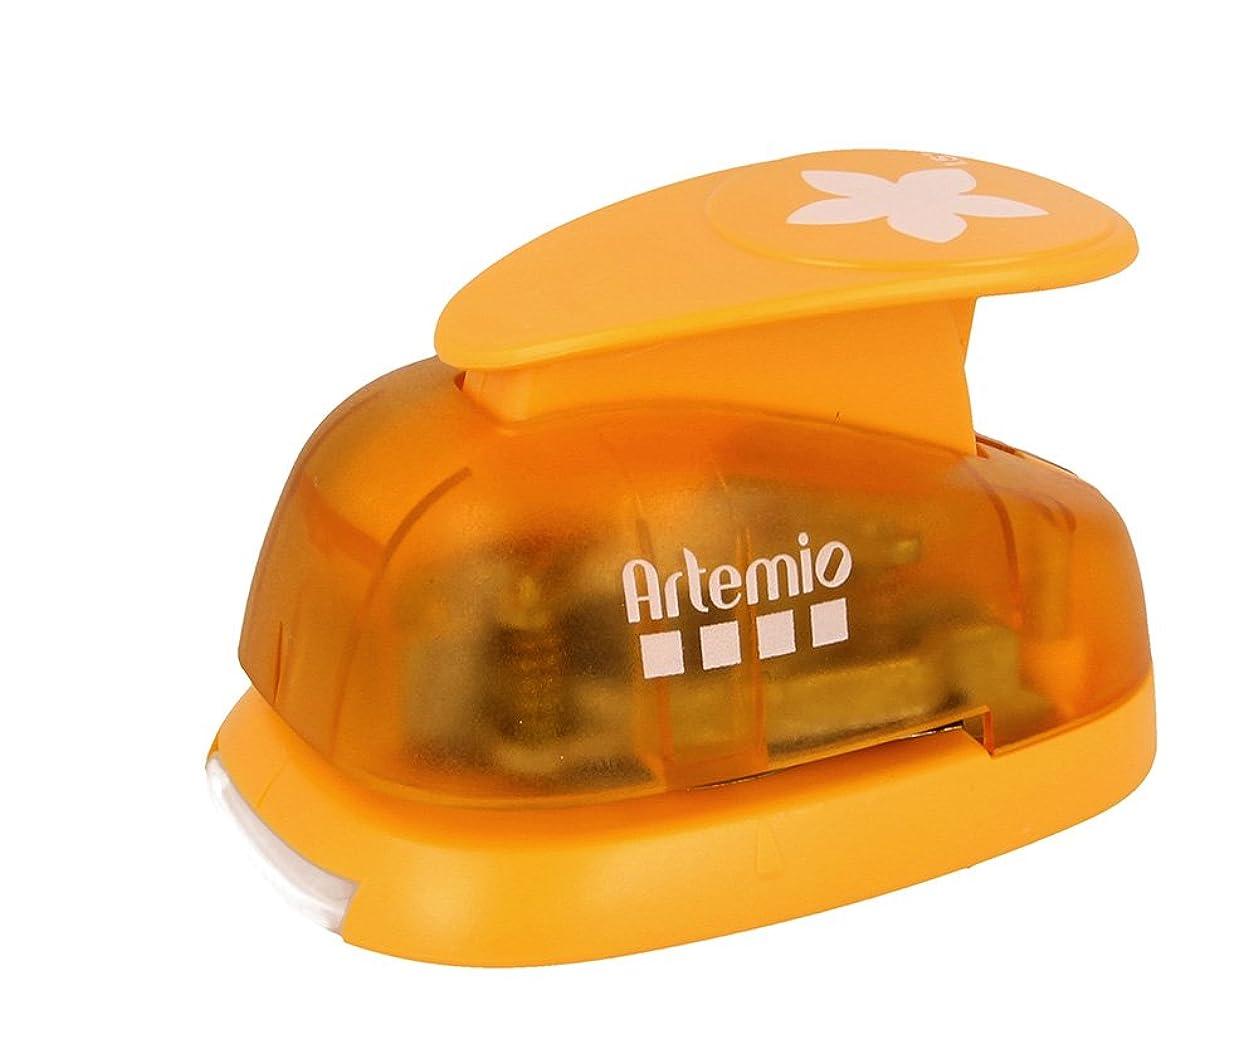 Artemio 3.5 cm Petals Lever Punch, Orange lzkqs6295